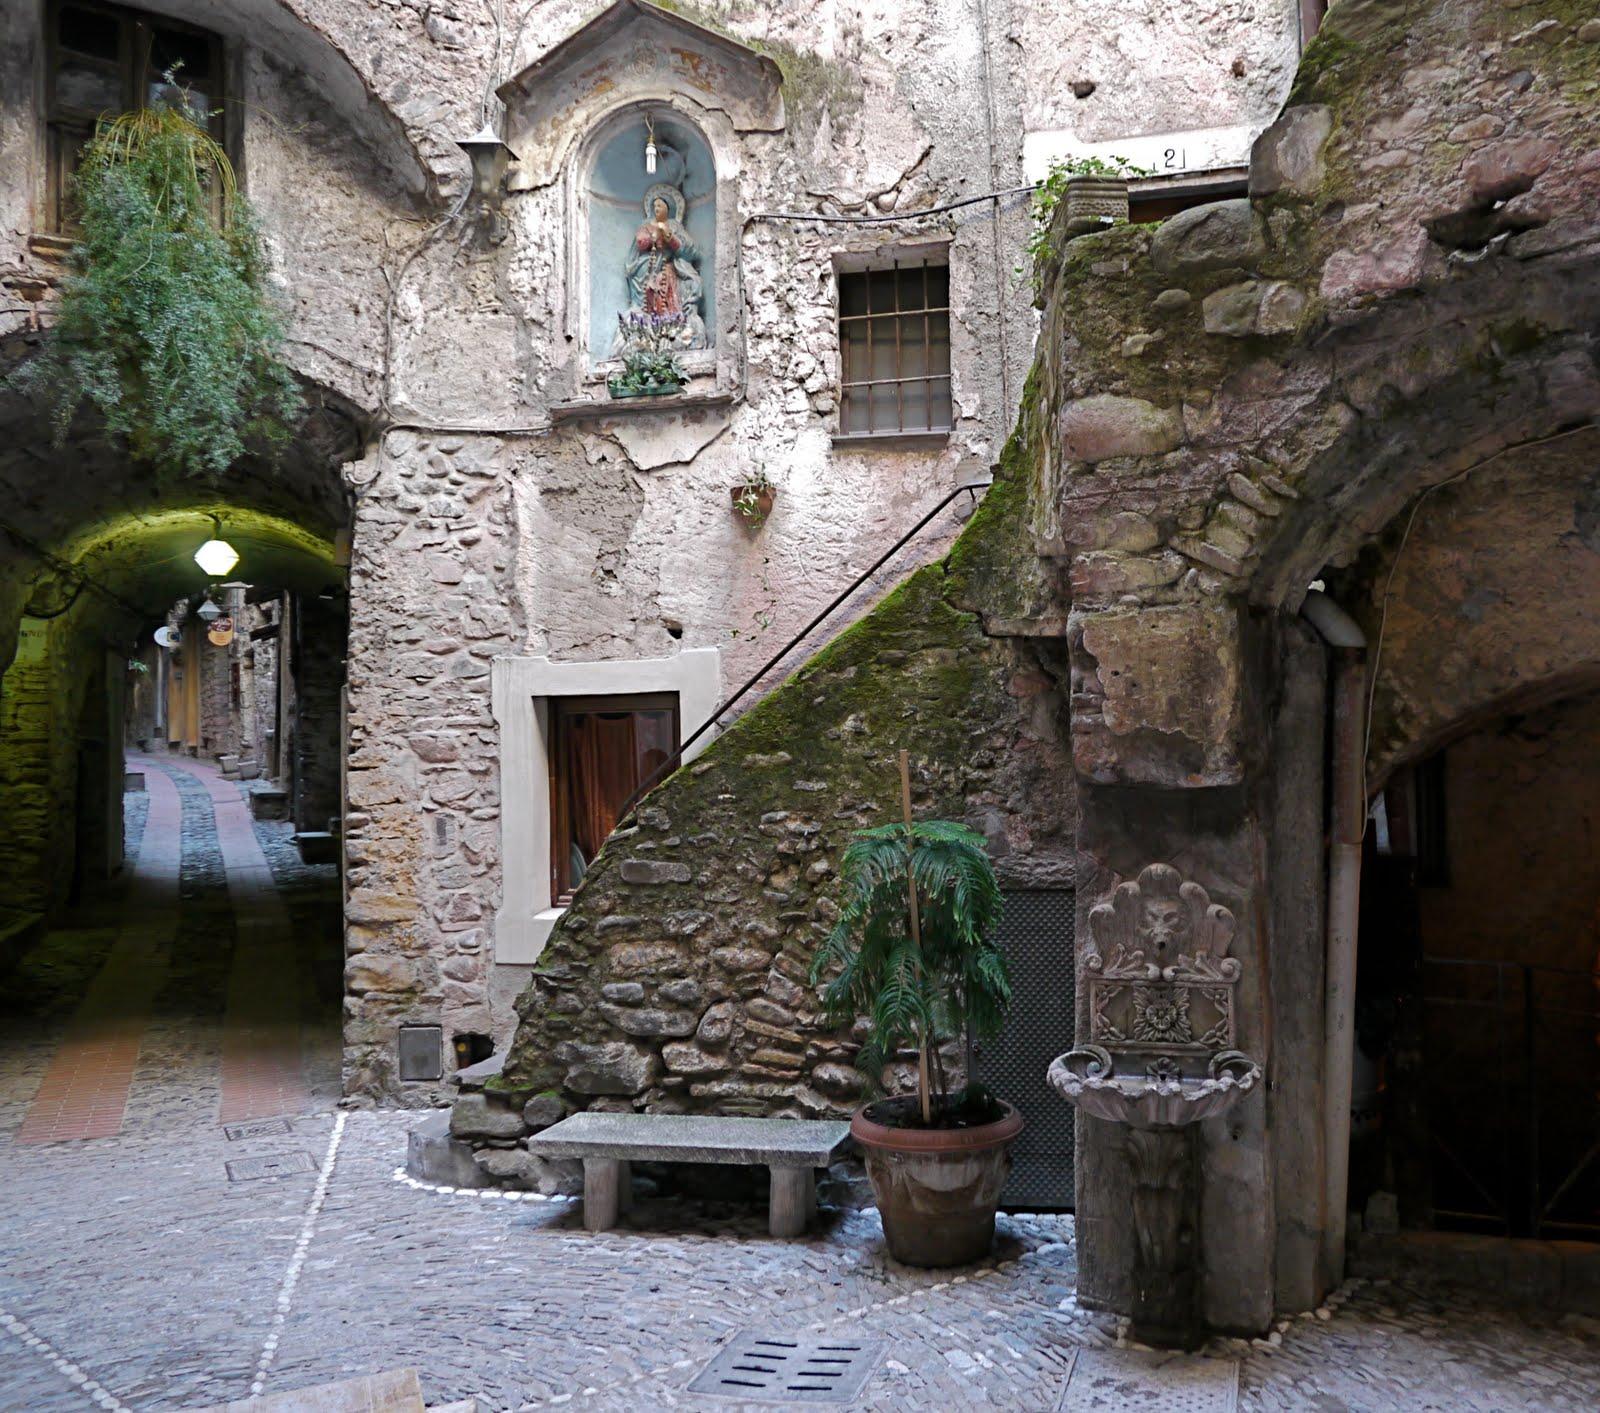 """Dolceacqua prende vita con la primavera e i fiori di """"Carruggi in fiore"""", il concorso che si svolgerà anche quest'anno tra le vie del borgo, noto per il Castello dei…"""